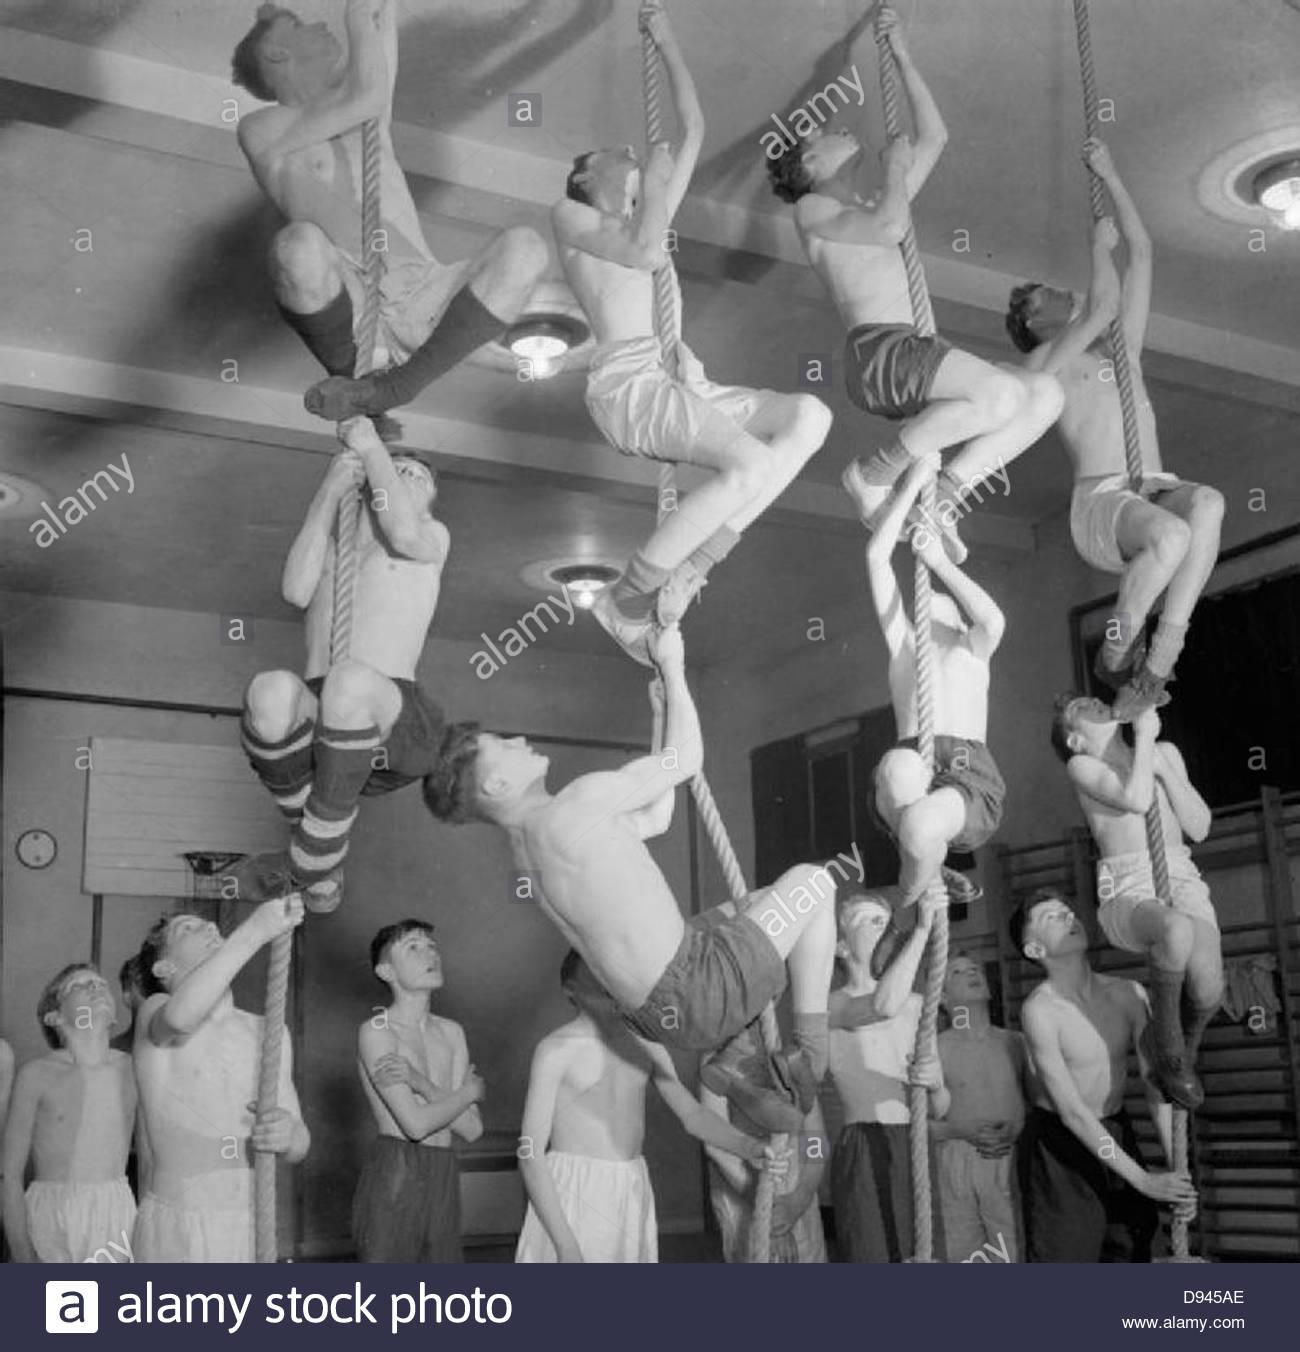 Uppingham - Corby Boys' Club, el entrenamiento físico y las actividades sociales en Corby, Northamptonshire, Imagen De Stock